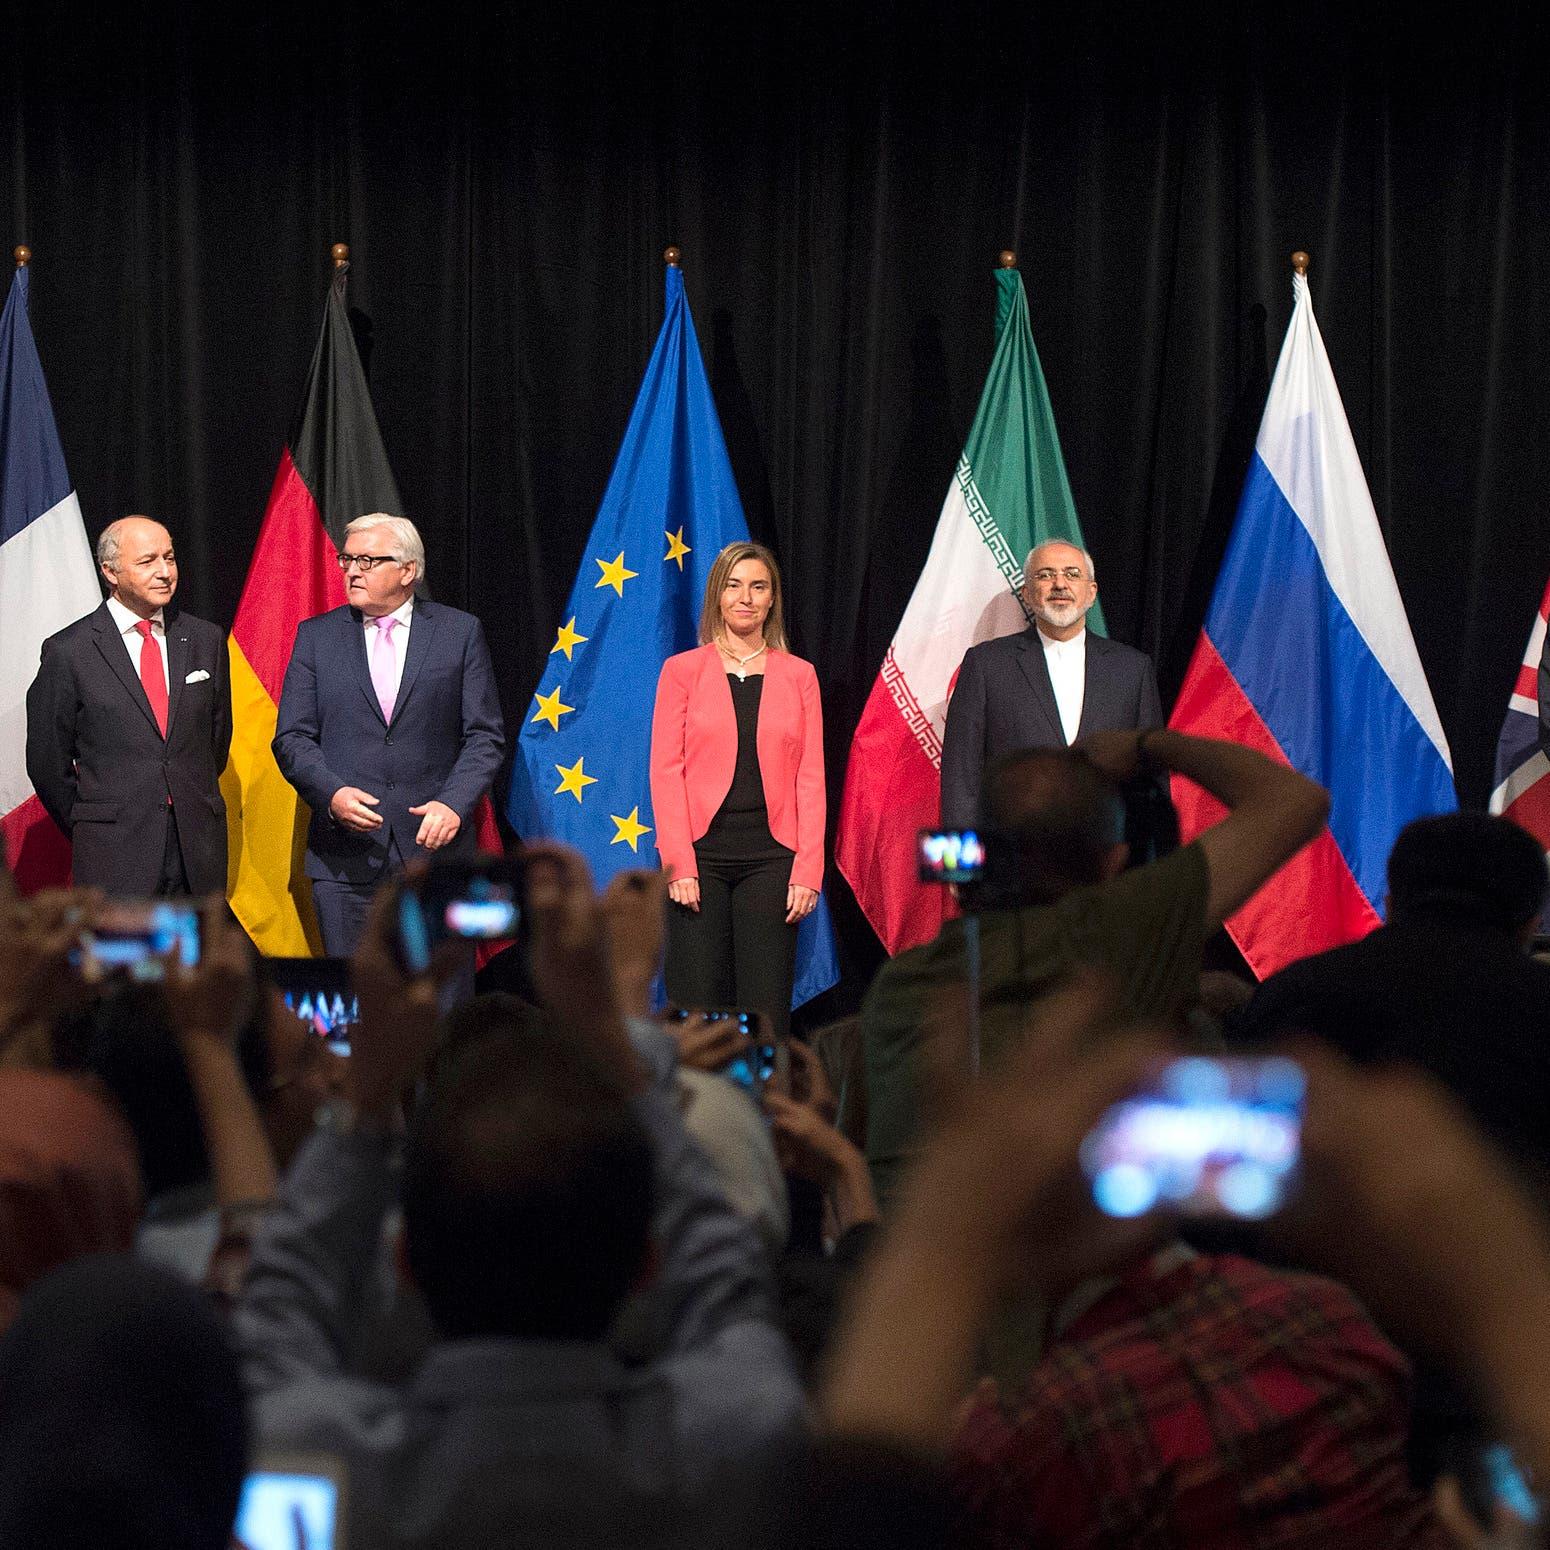 خبراء: رحلة العودة للاتفاق النووي الإيراني طويلة وشاقة